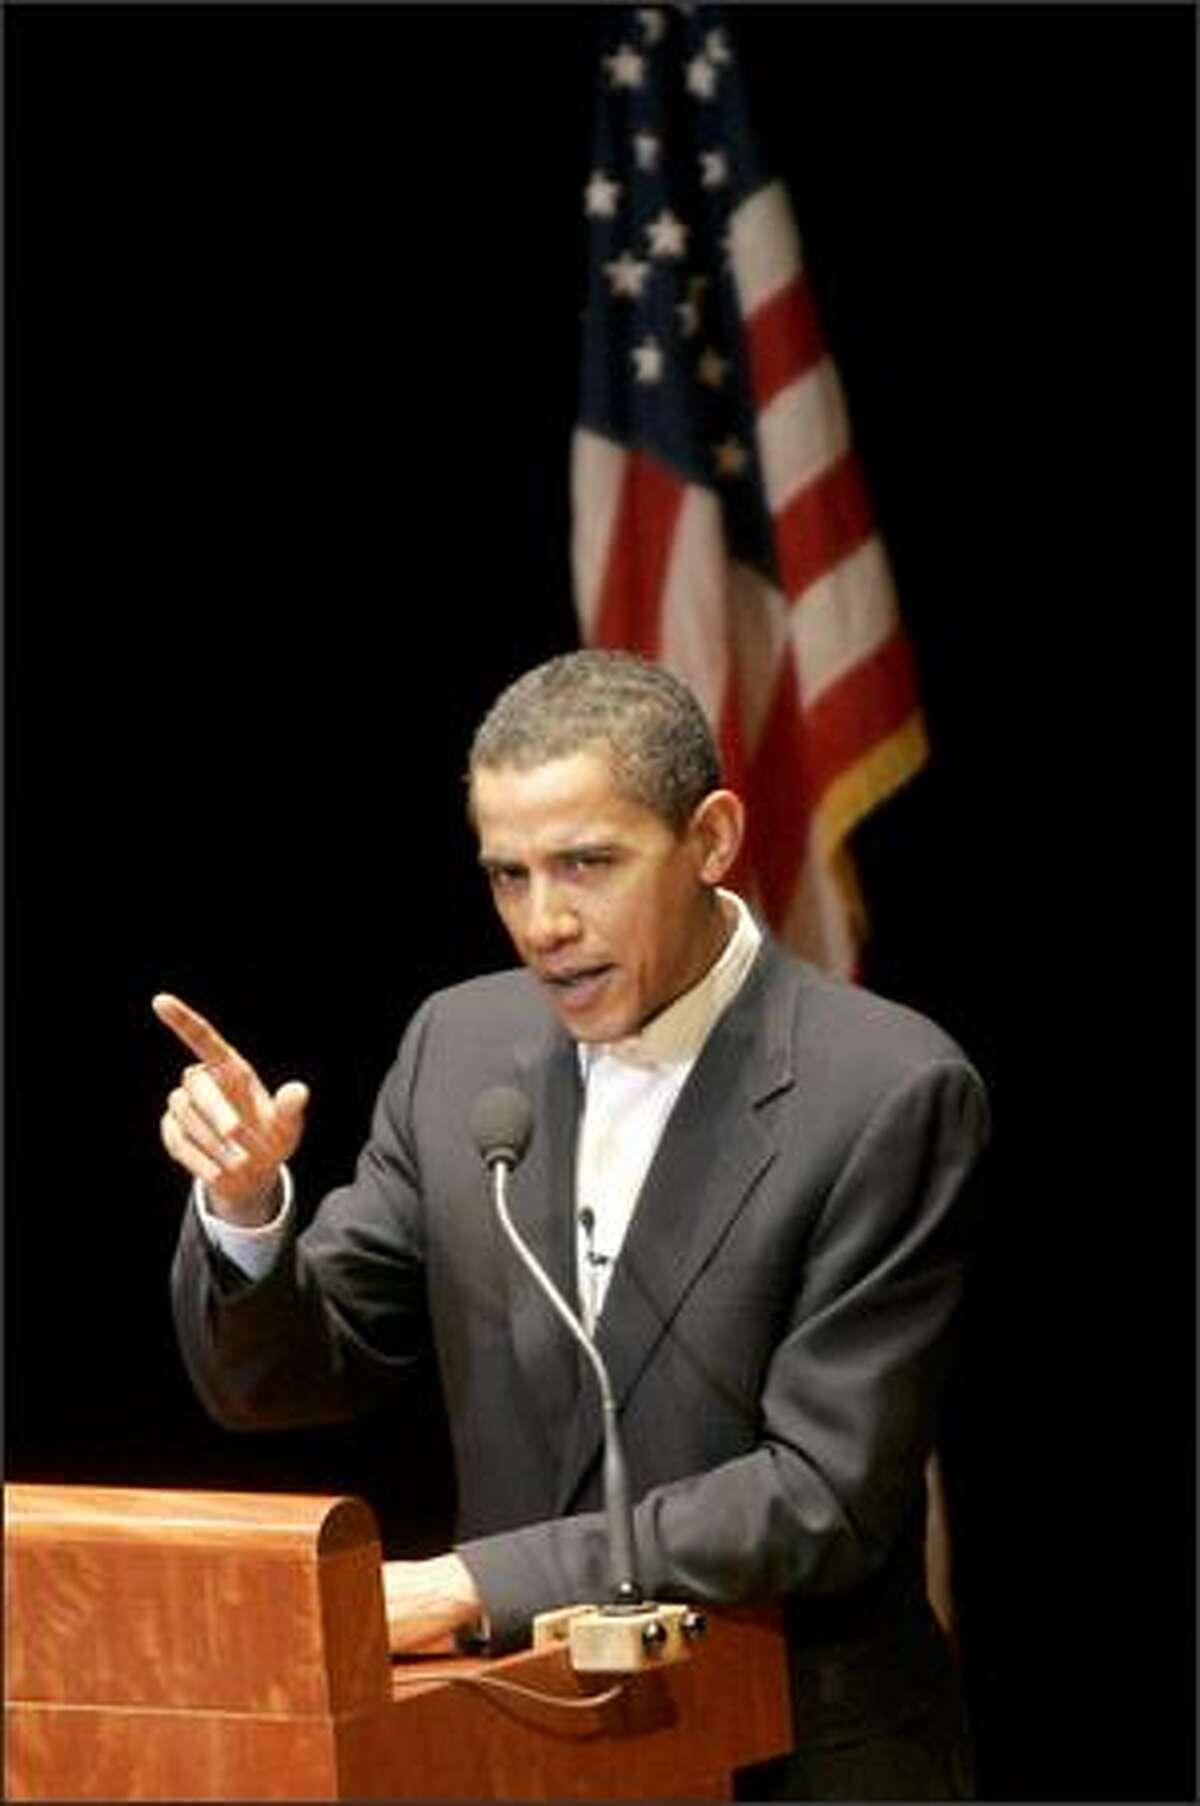 Sen. Barack Obama, D-Ill, makes a point in his Benaroya Hall speech.